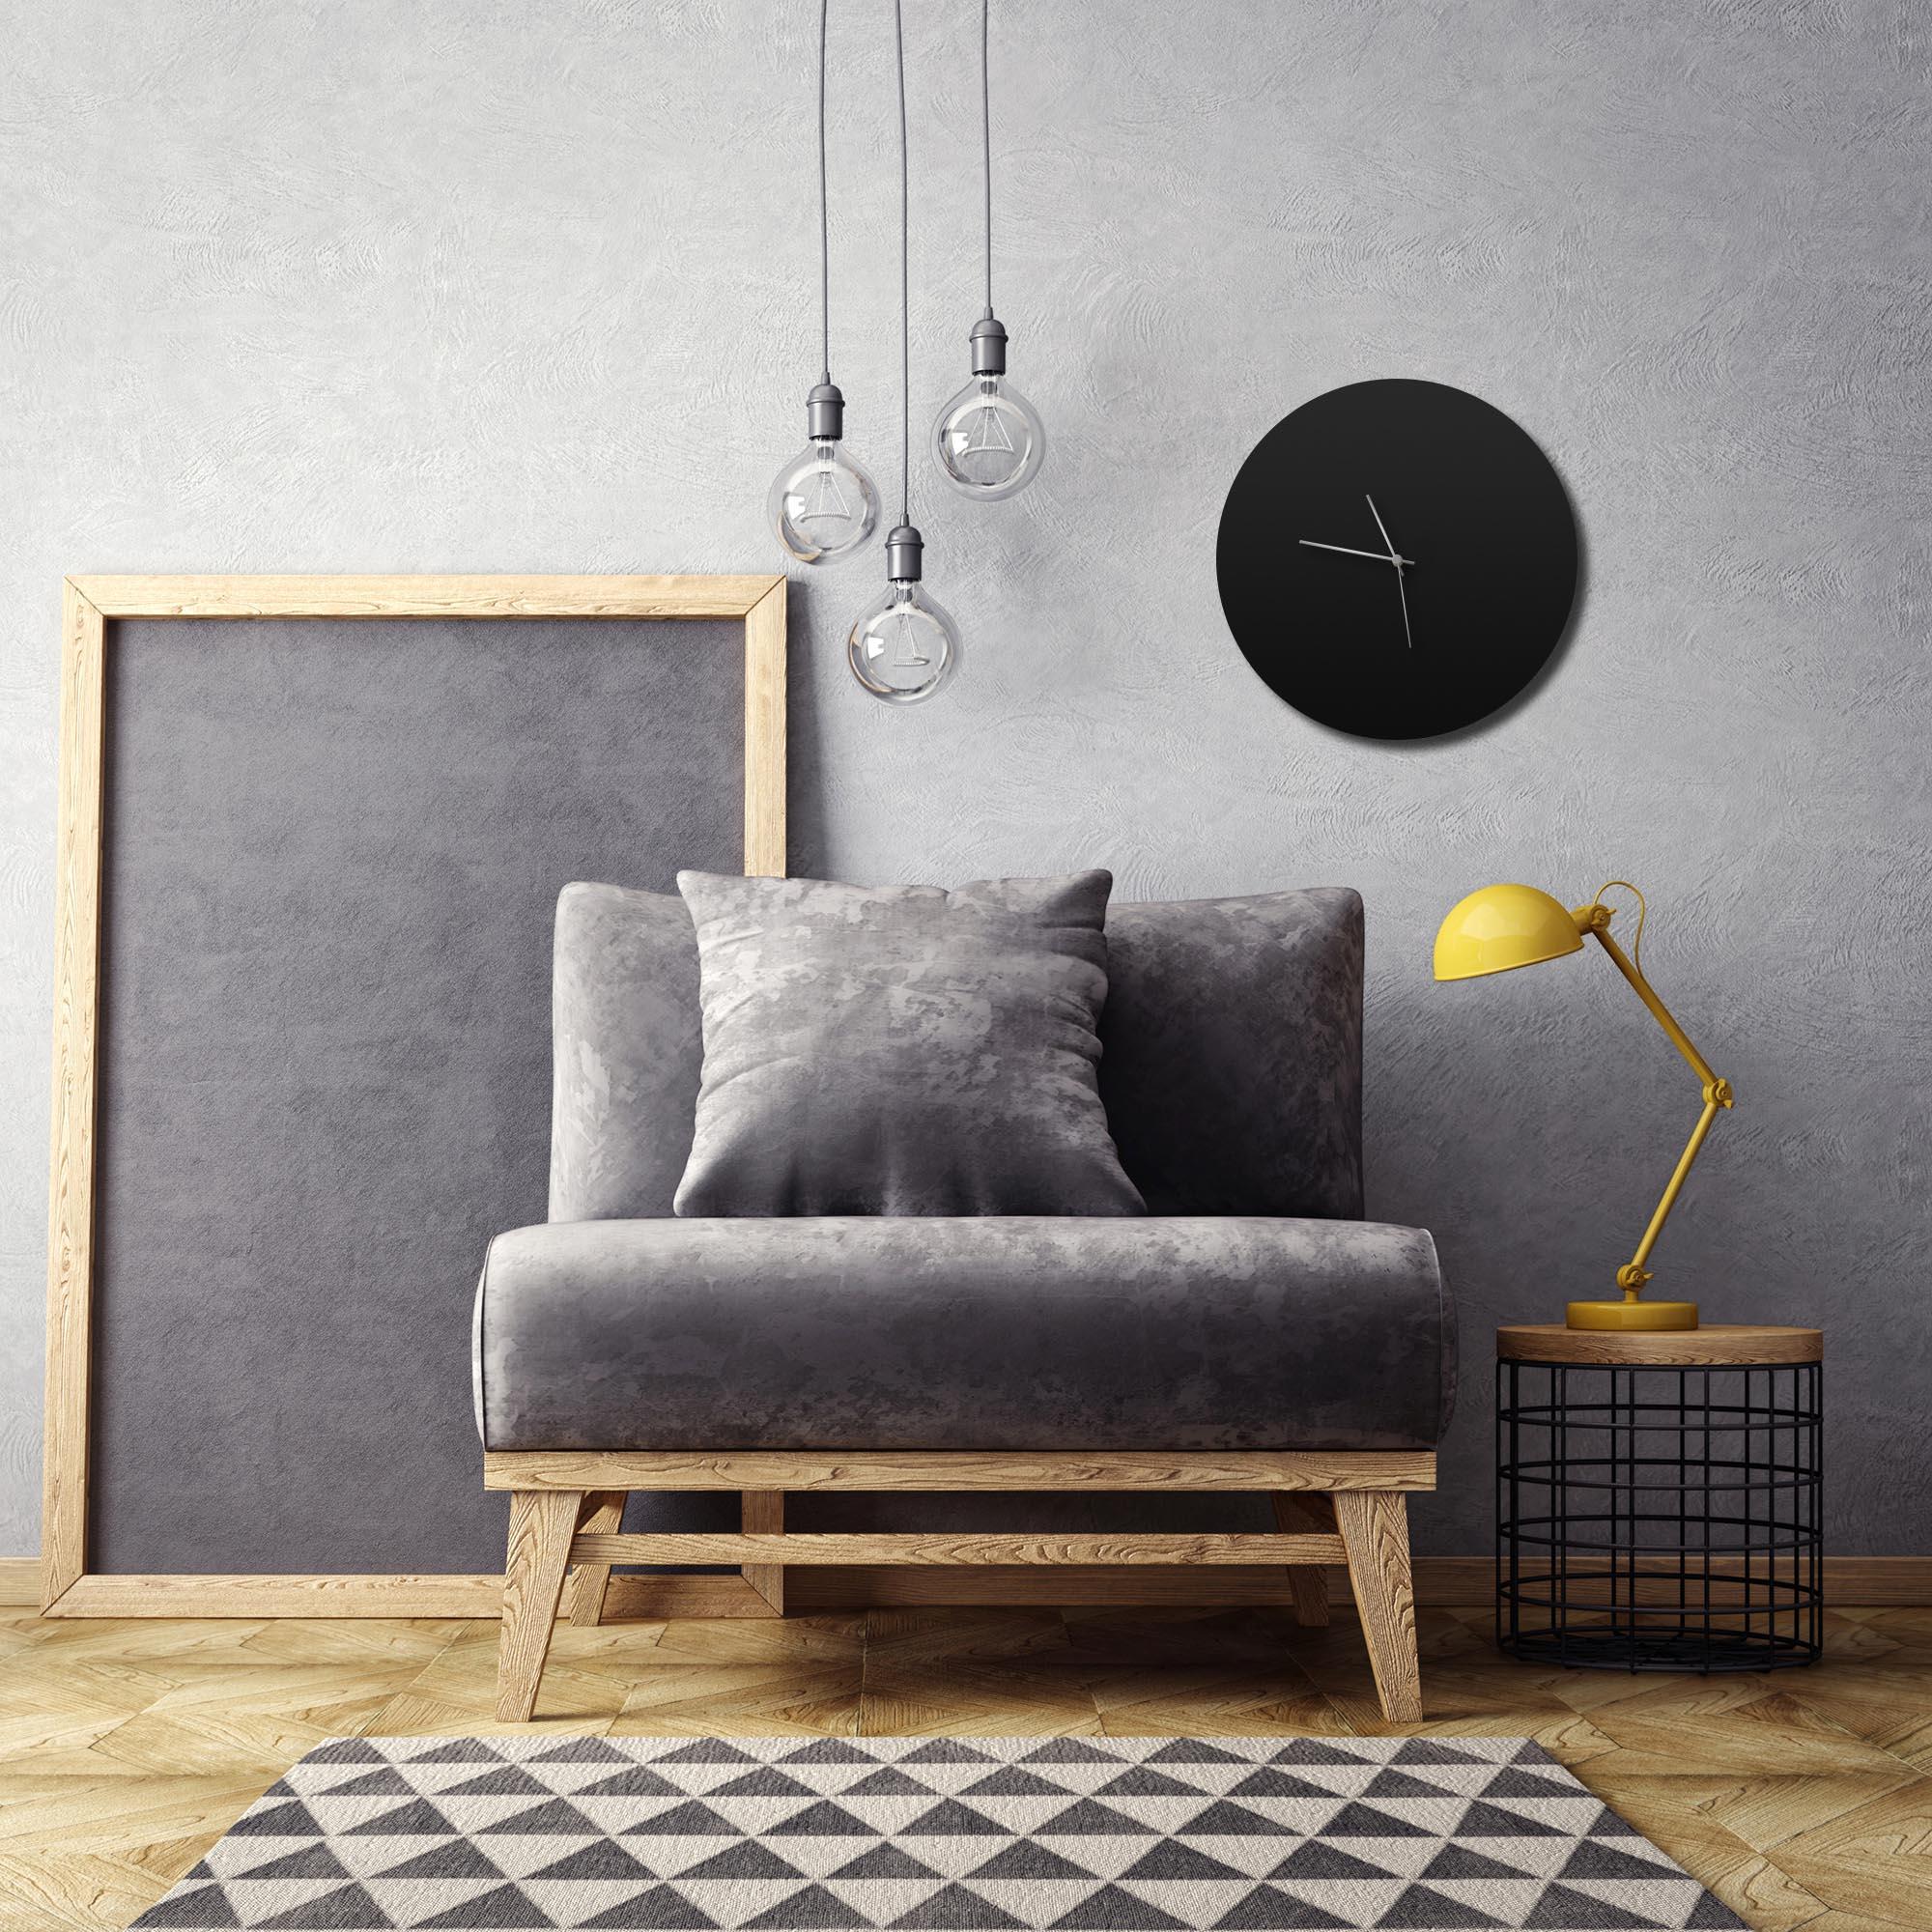 Blackout Silver Circle Clock - Lifestyle View